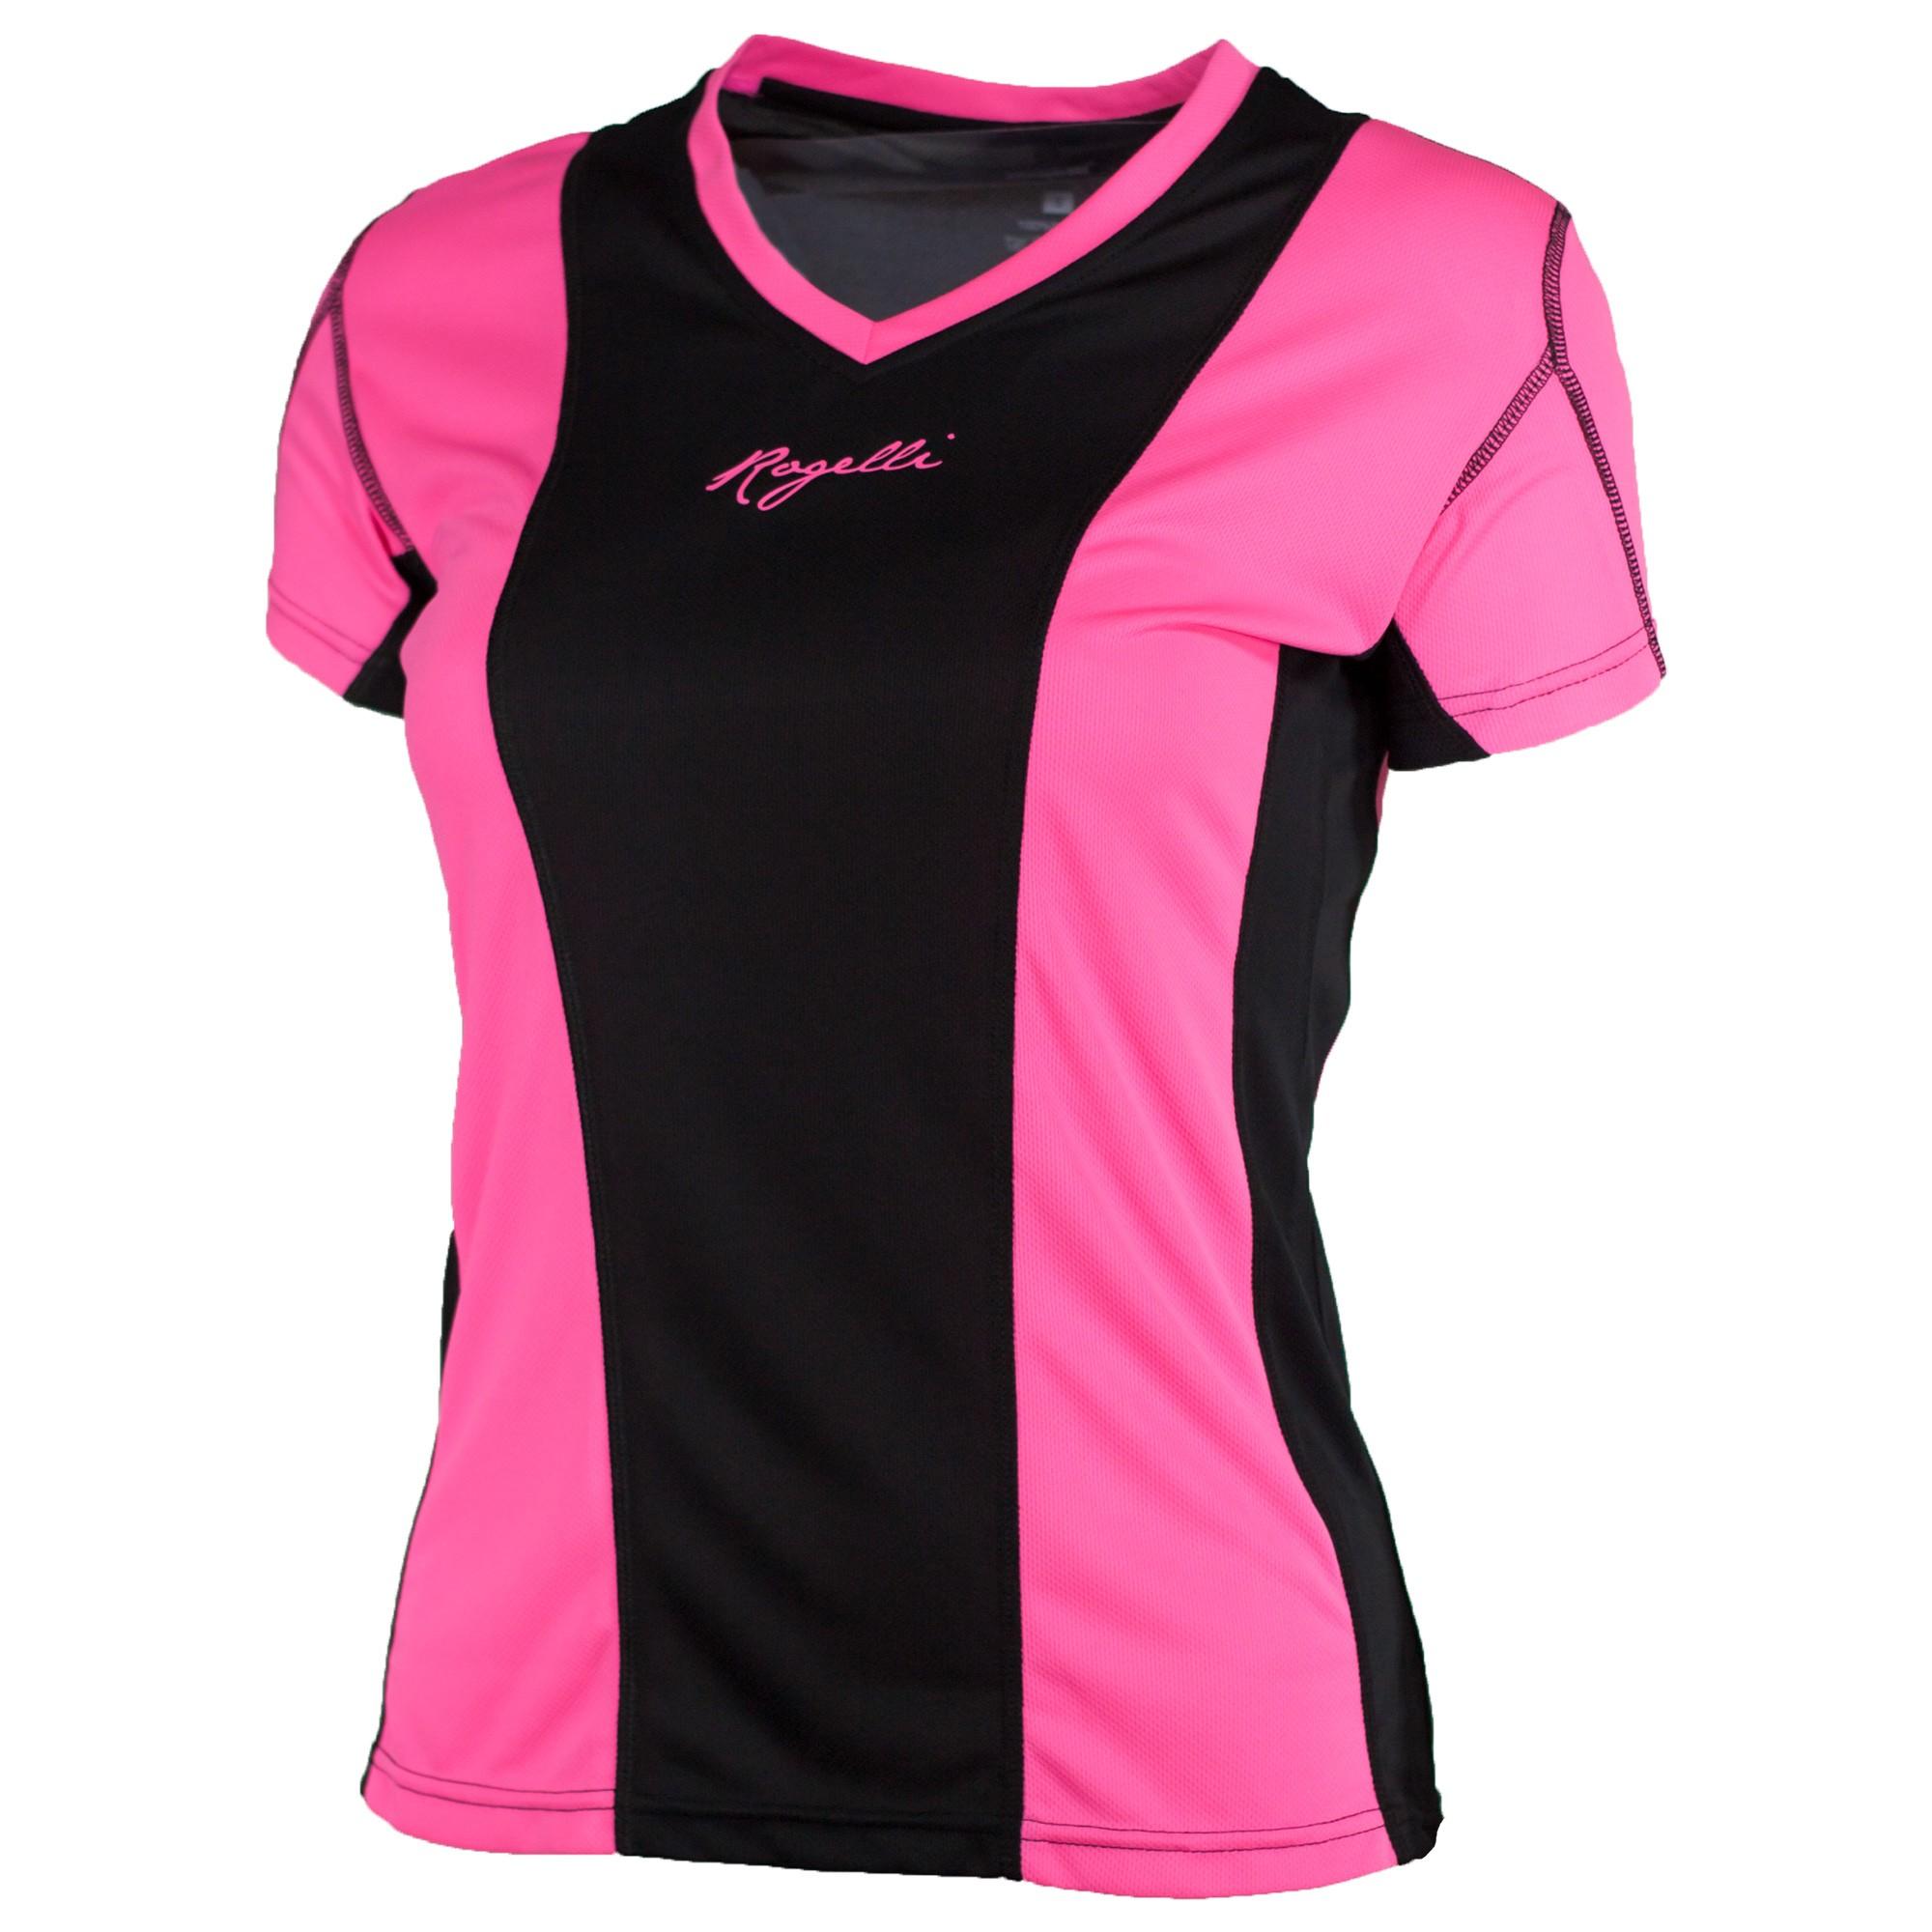 Rogelli Simra Running T-shirt Women Pink/black bestellen ...